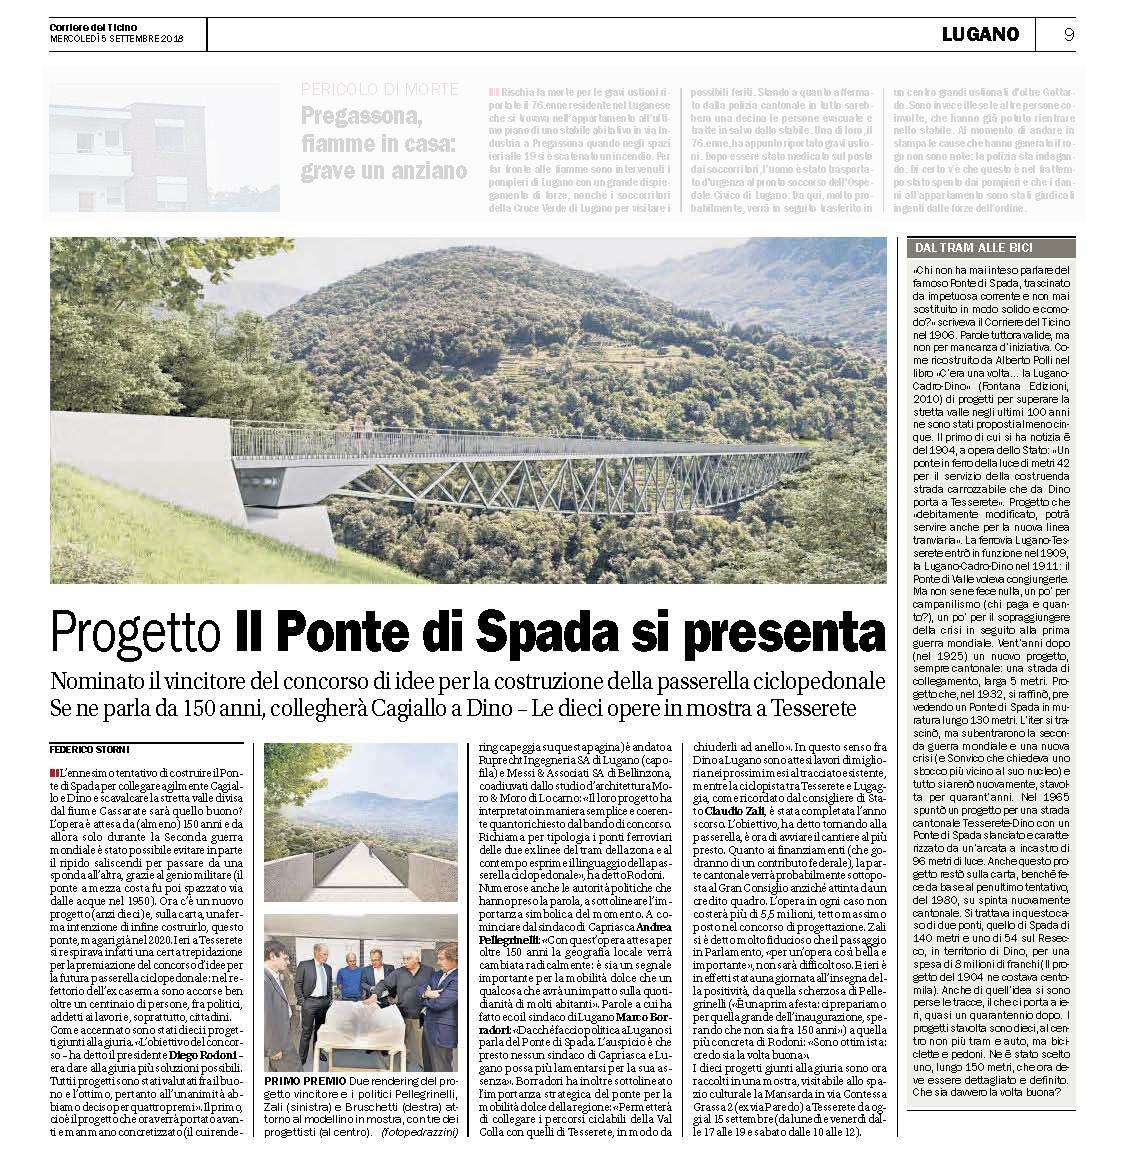 Corriere del Ticino, 05.09.2018